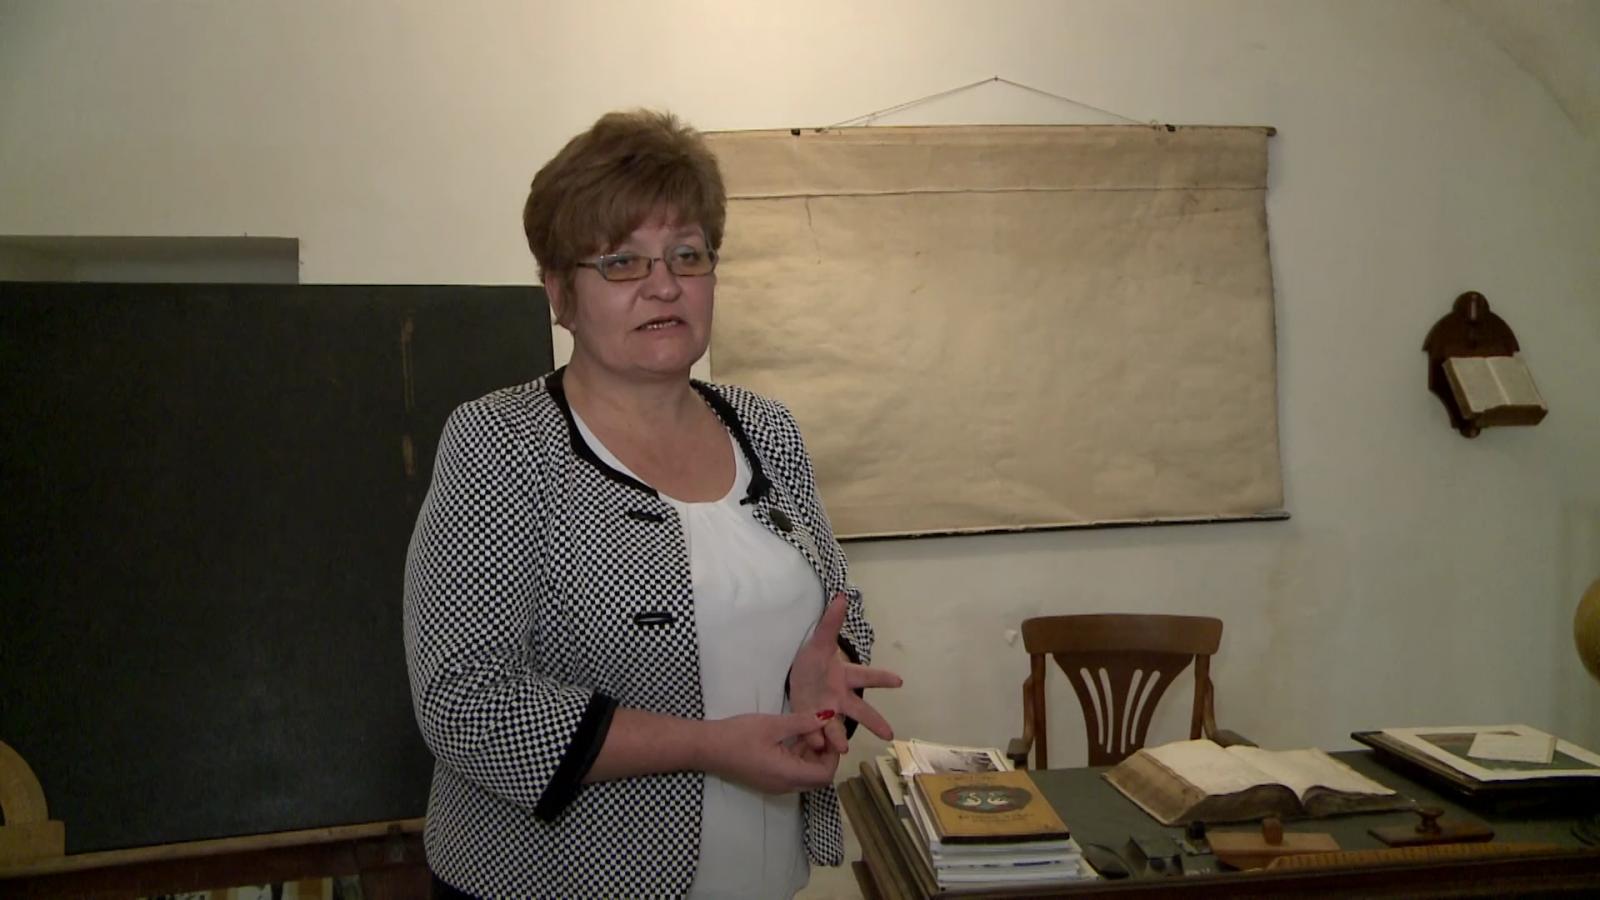 Szőcs Ildikó, a Bethlen Gábor Református Kollégium igazgatója az iskola múzeumában